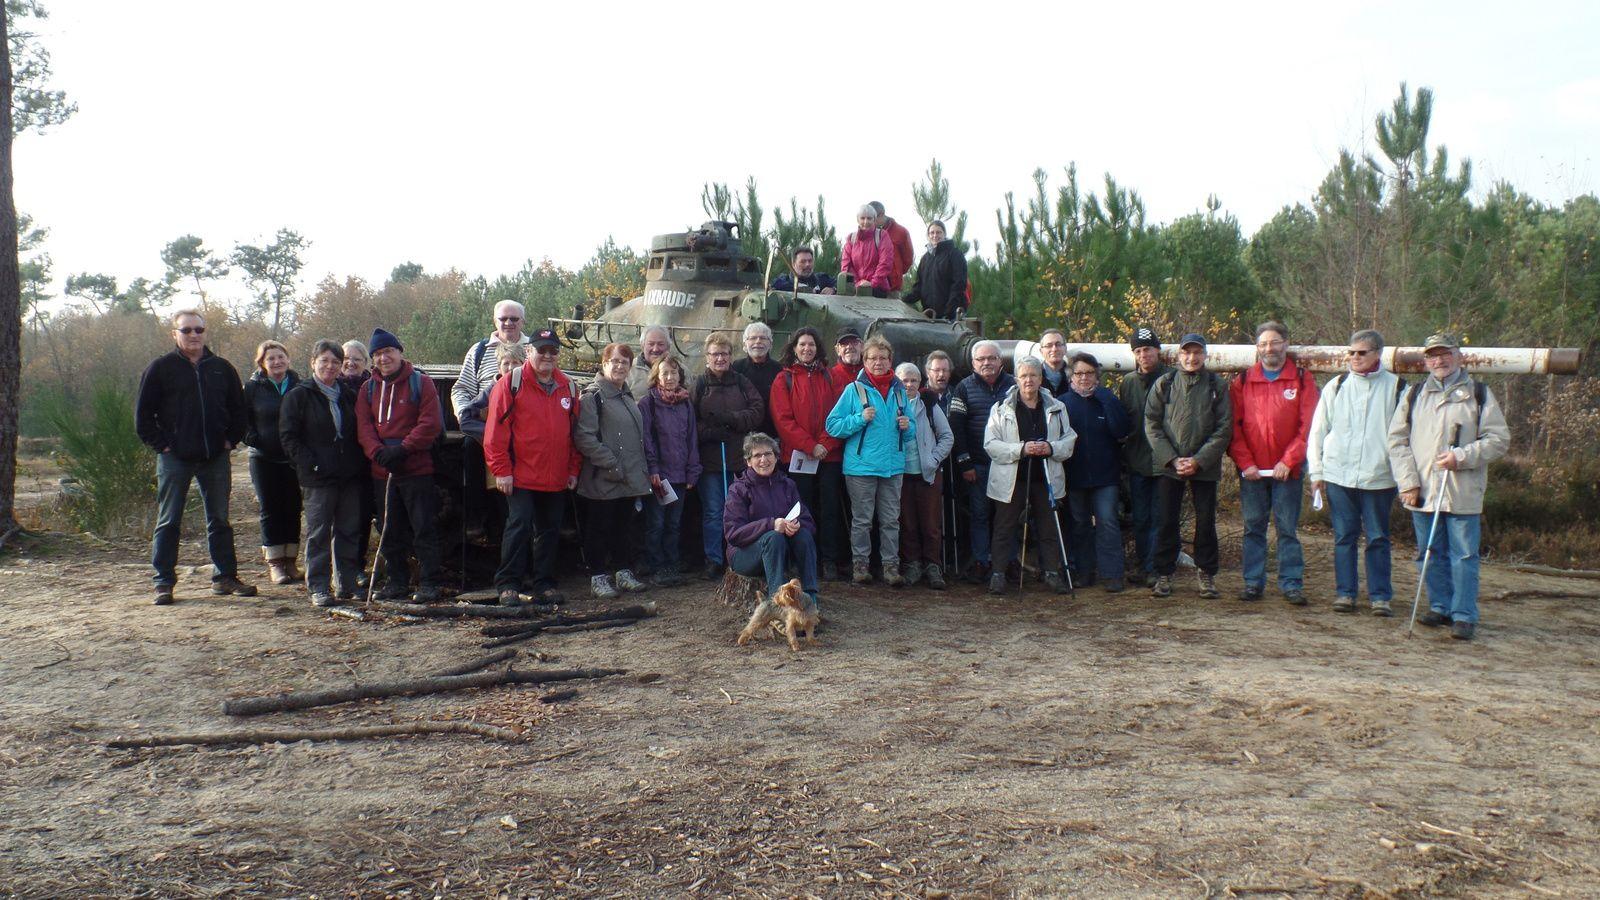 En longeant le camp d'AUVOURS, on en profite pour faire une photo de groupe près du vieux char qui va finir ses jours ici.